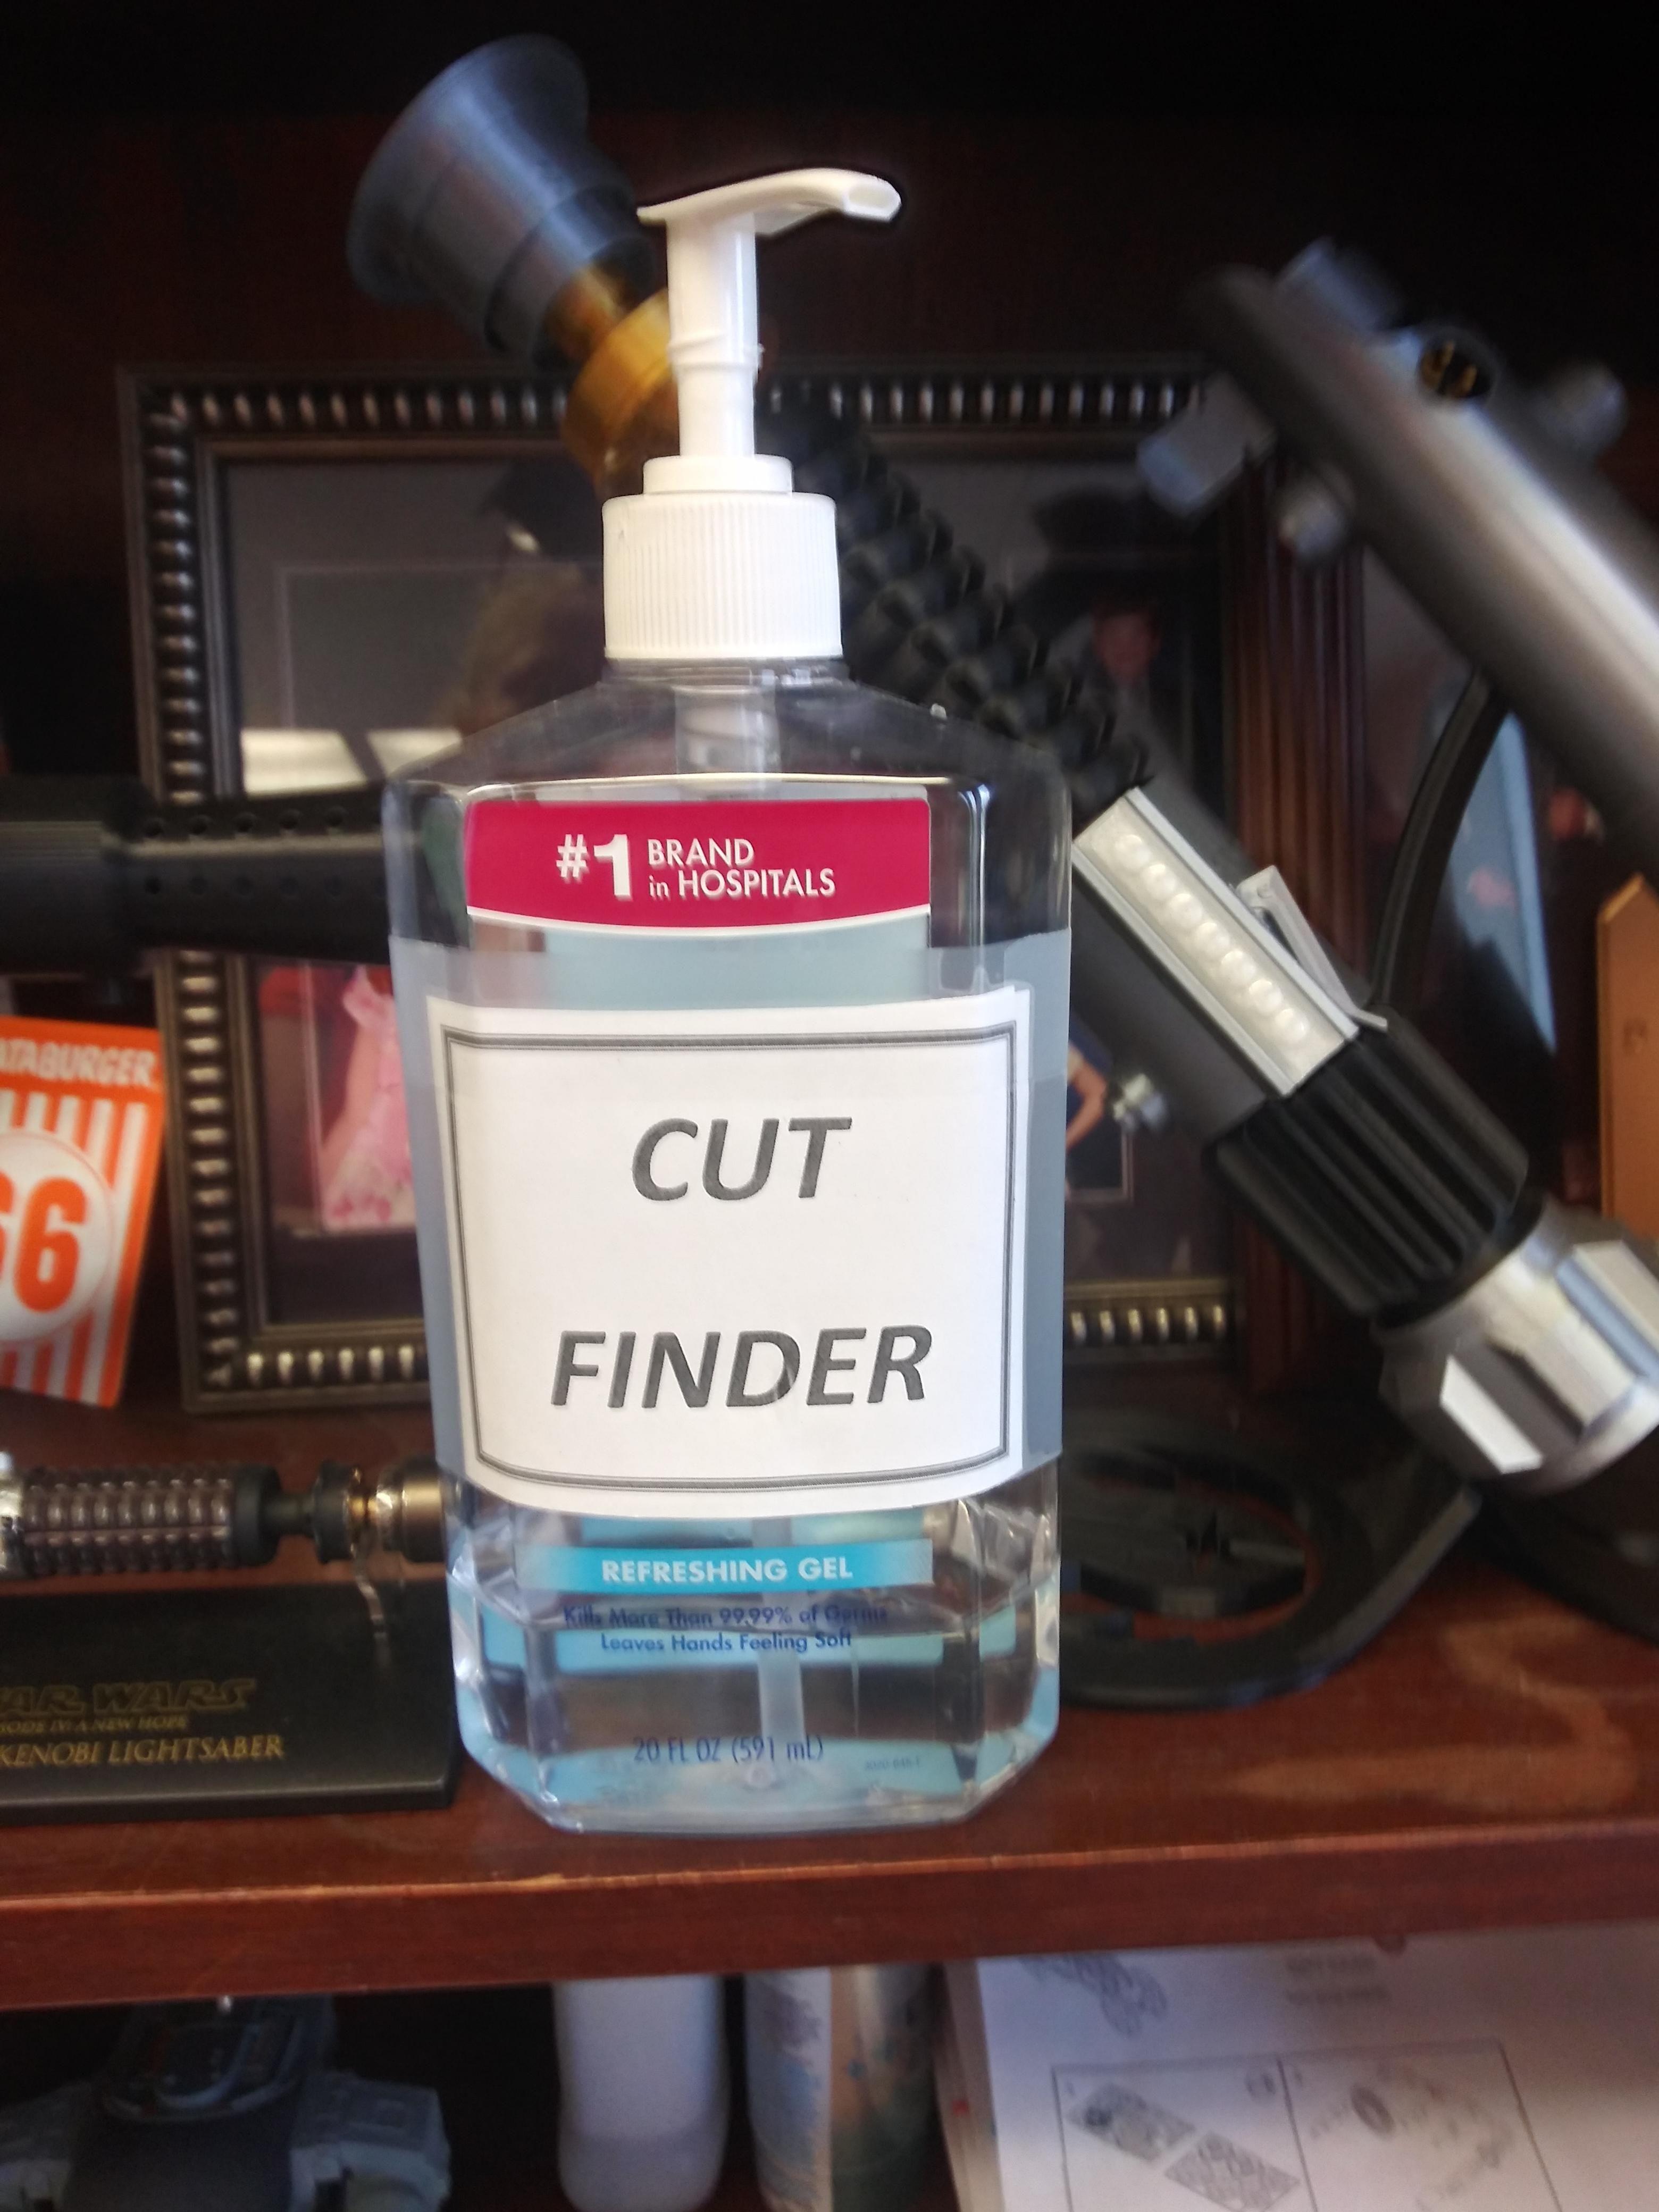 Hand sanitizer found at my chiropractor's office.